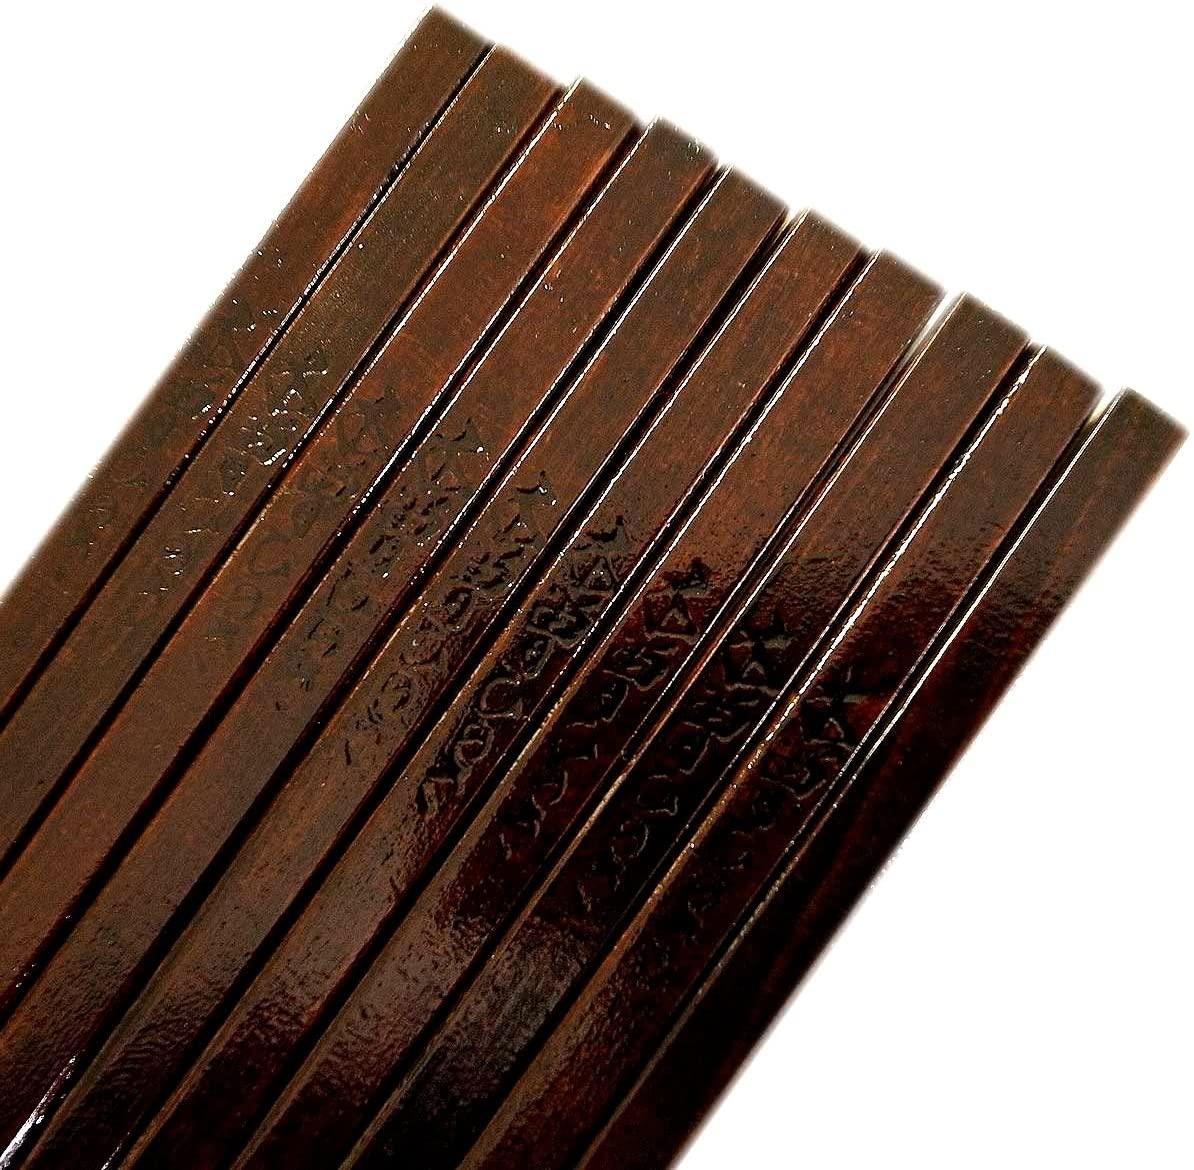 はりま屋(ハリマヤ) 木曽ひのき箸 5膳セット 22.0cmの商品画像2